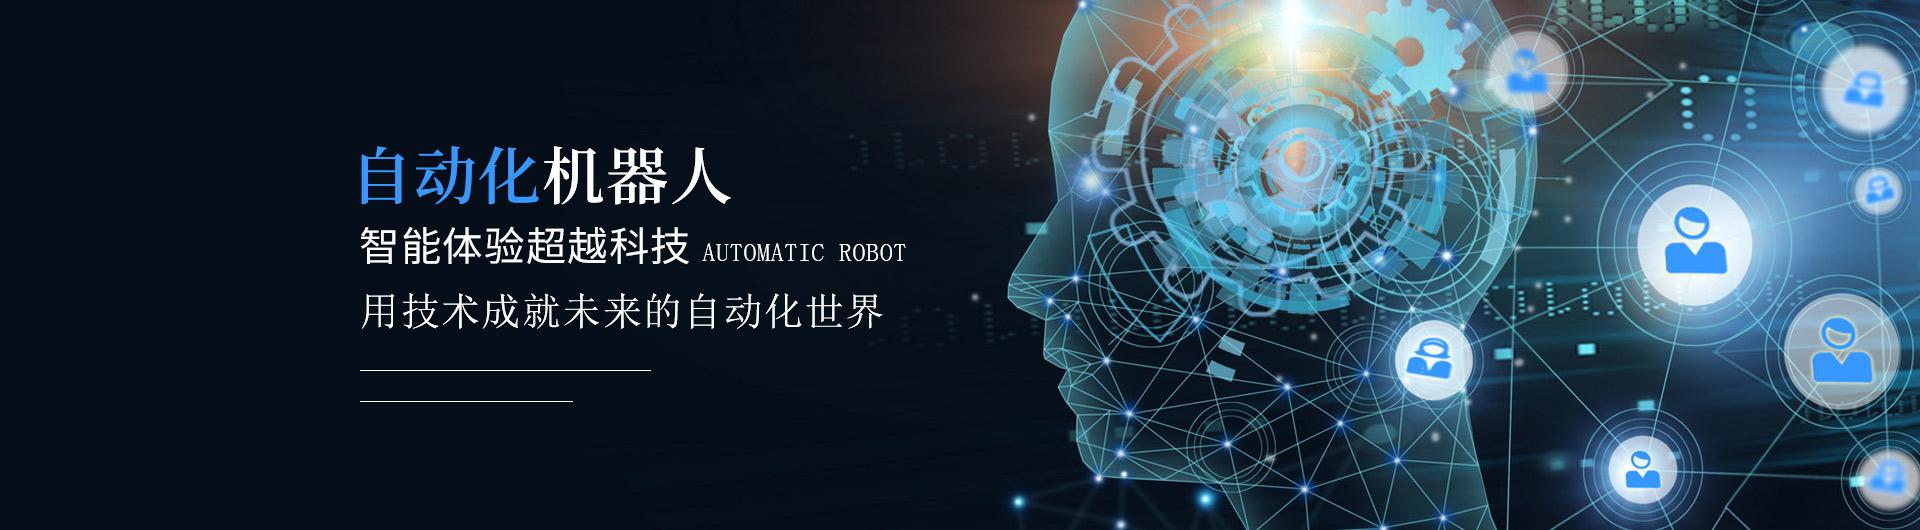 重庆取件机器人